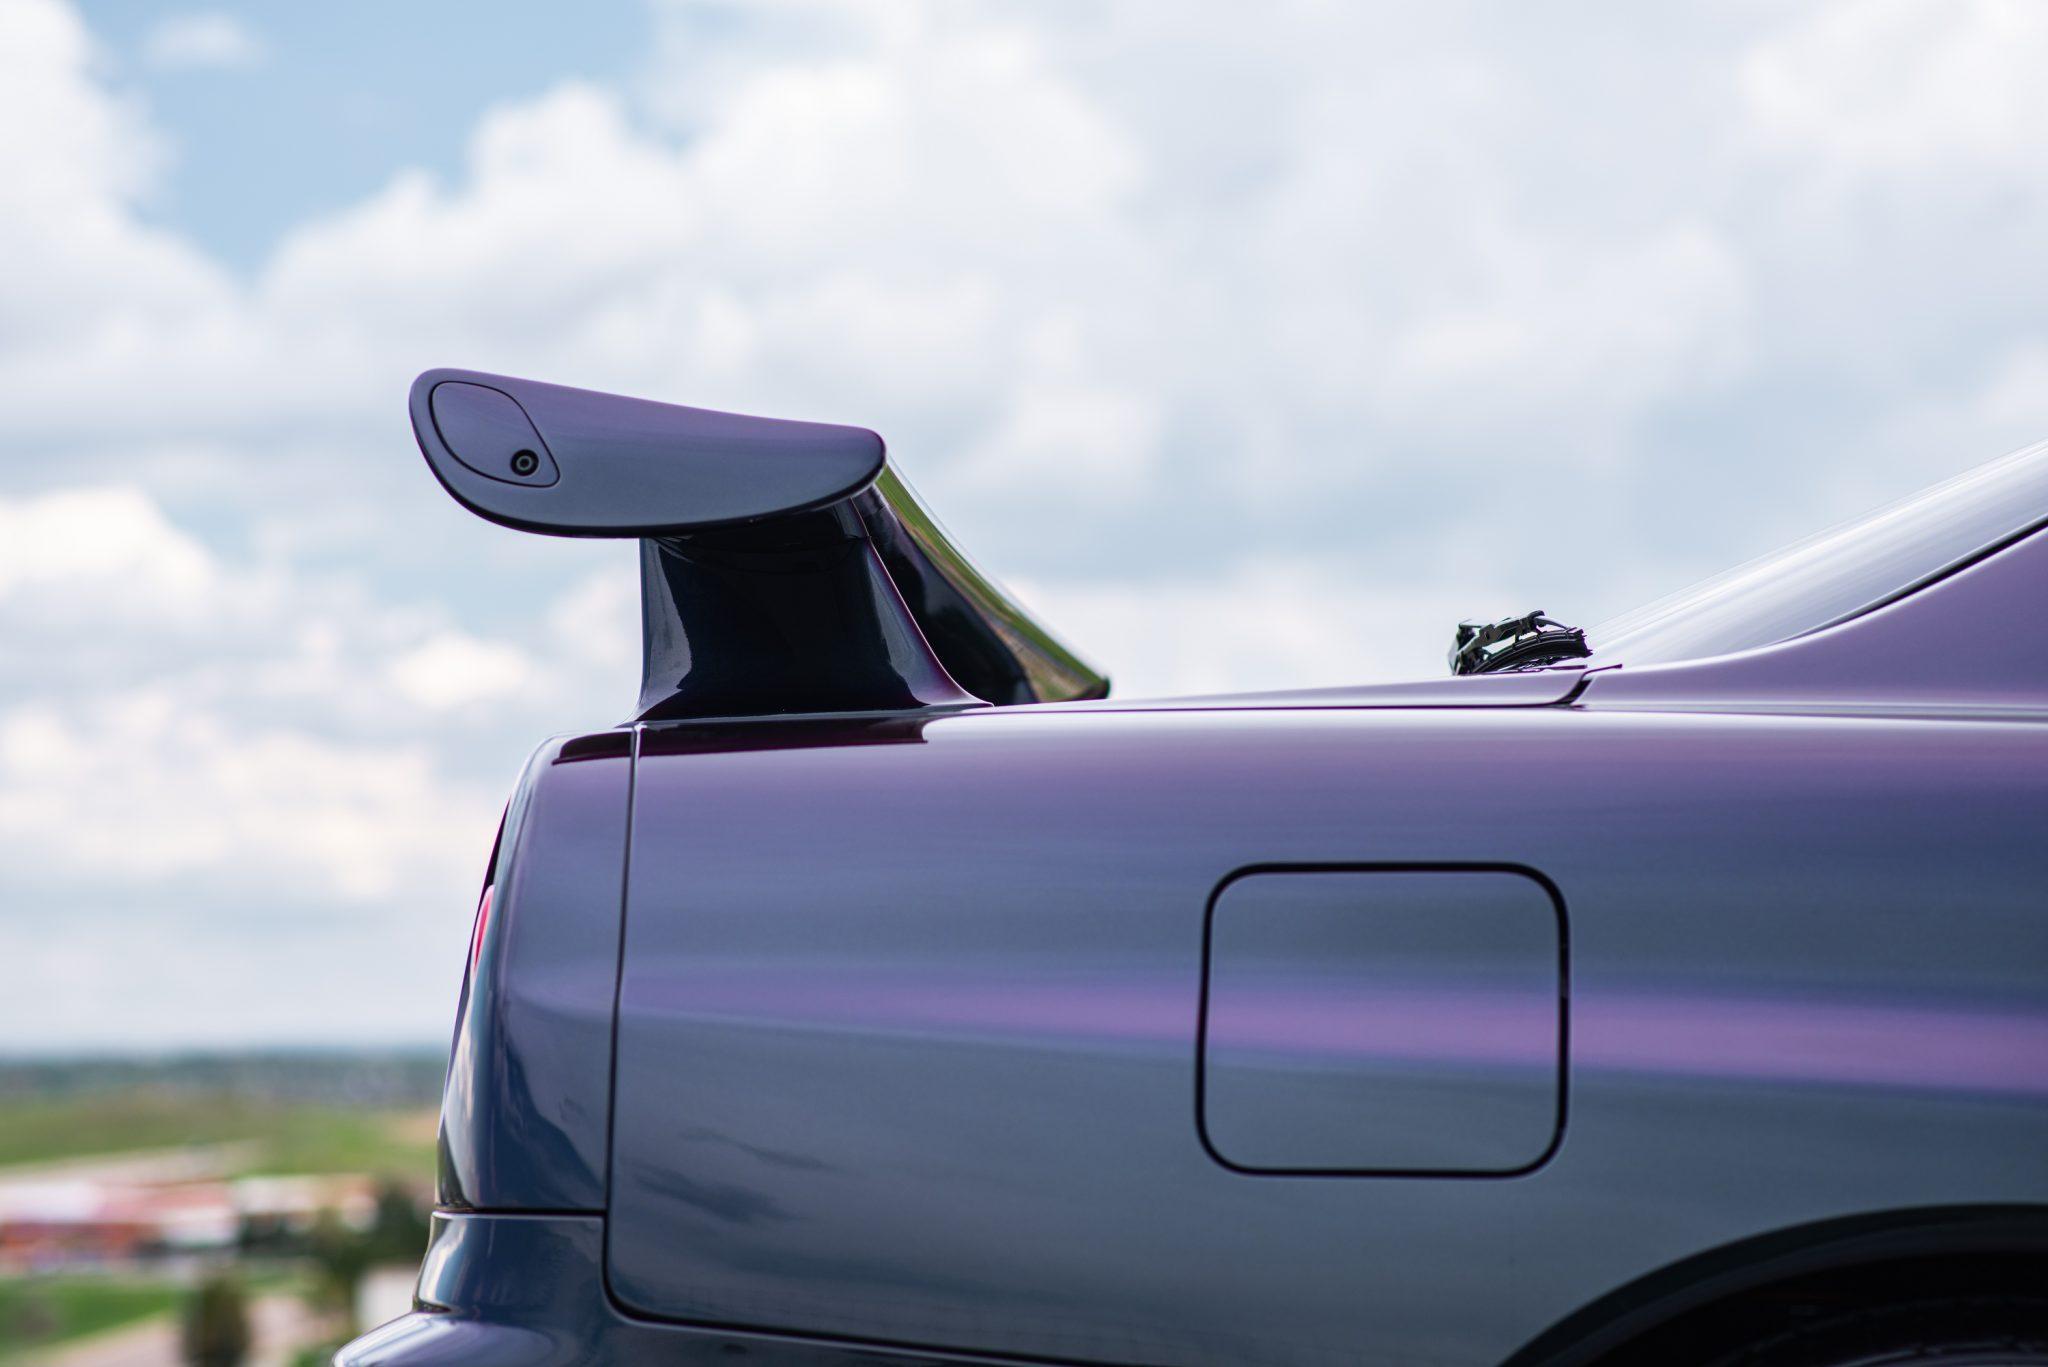 1999 Nissan Skyline GT-R V-Spec rear wing